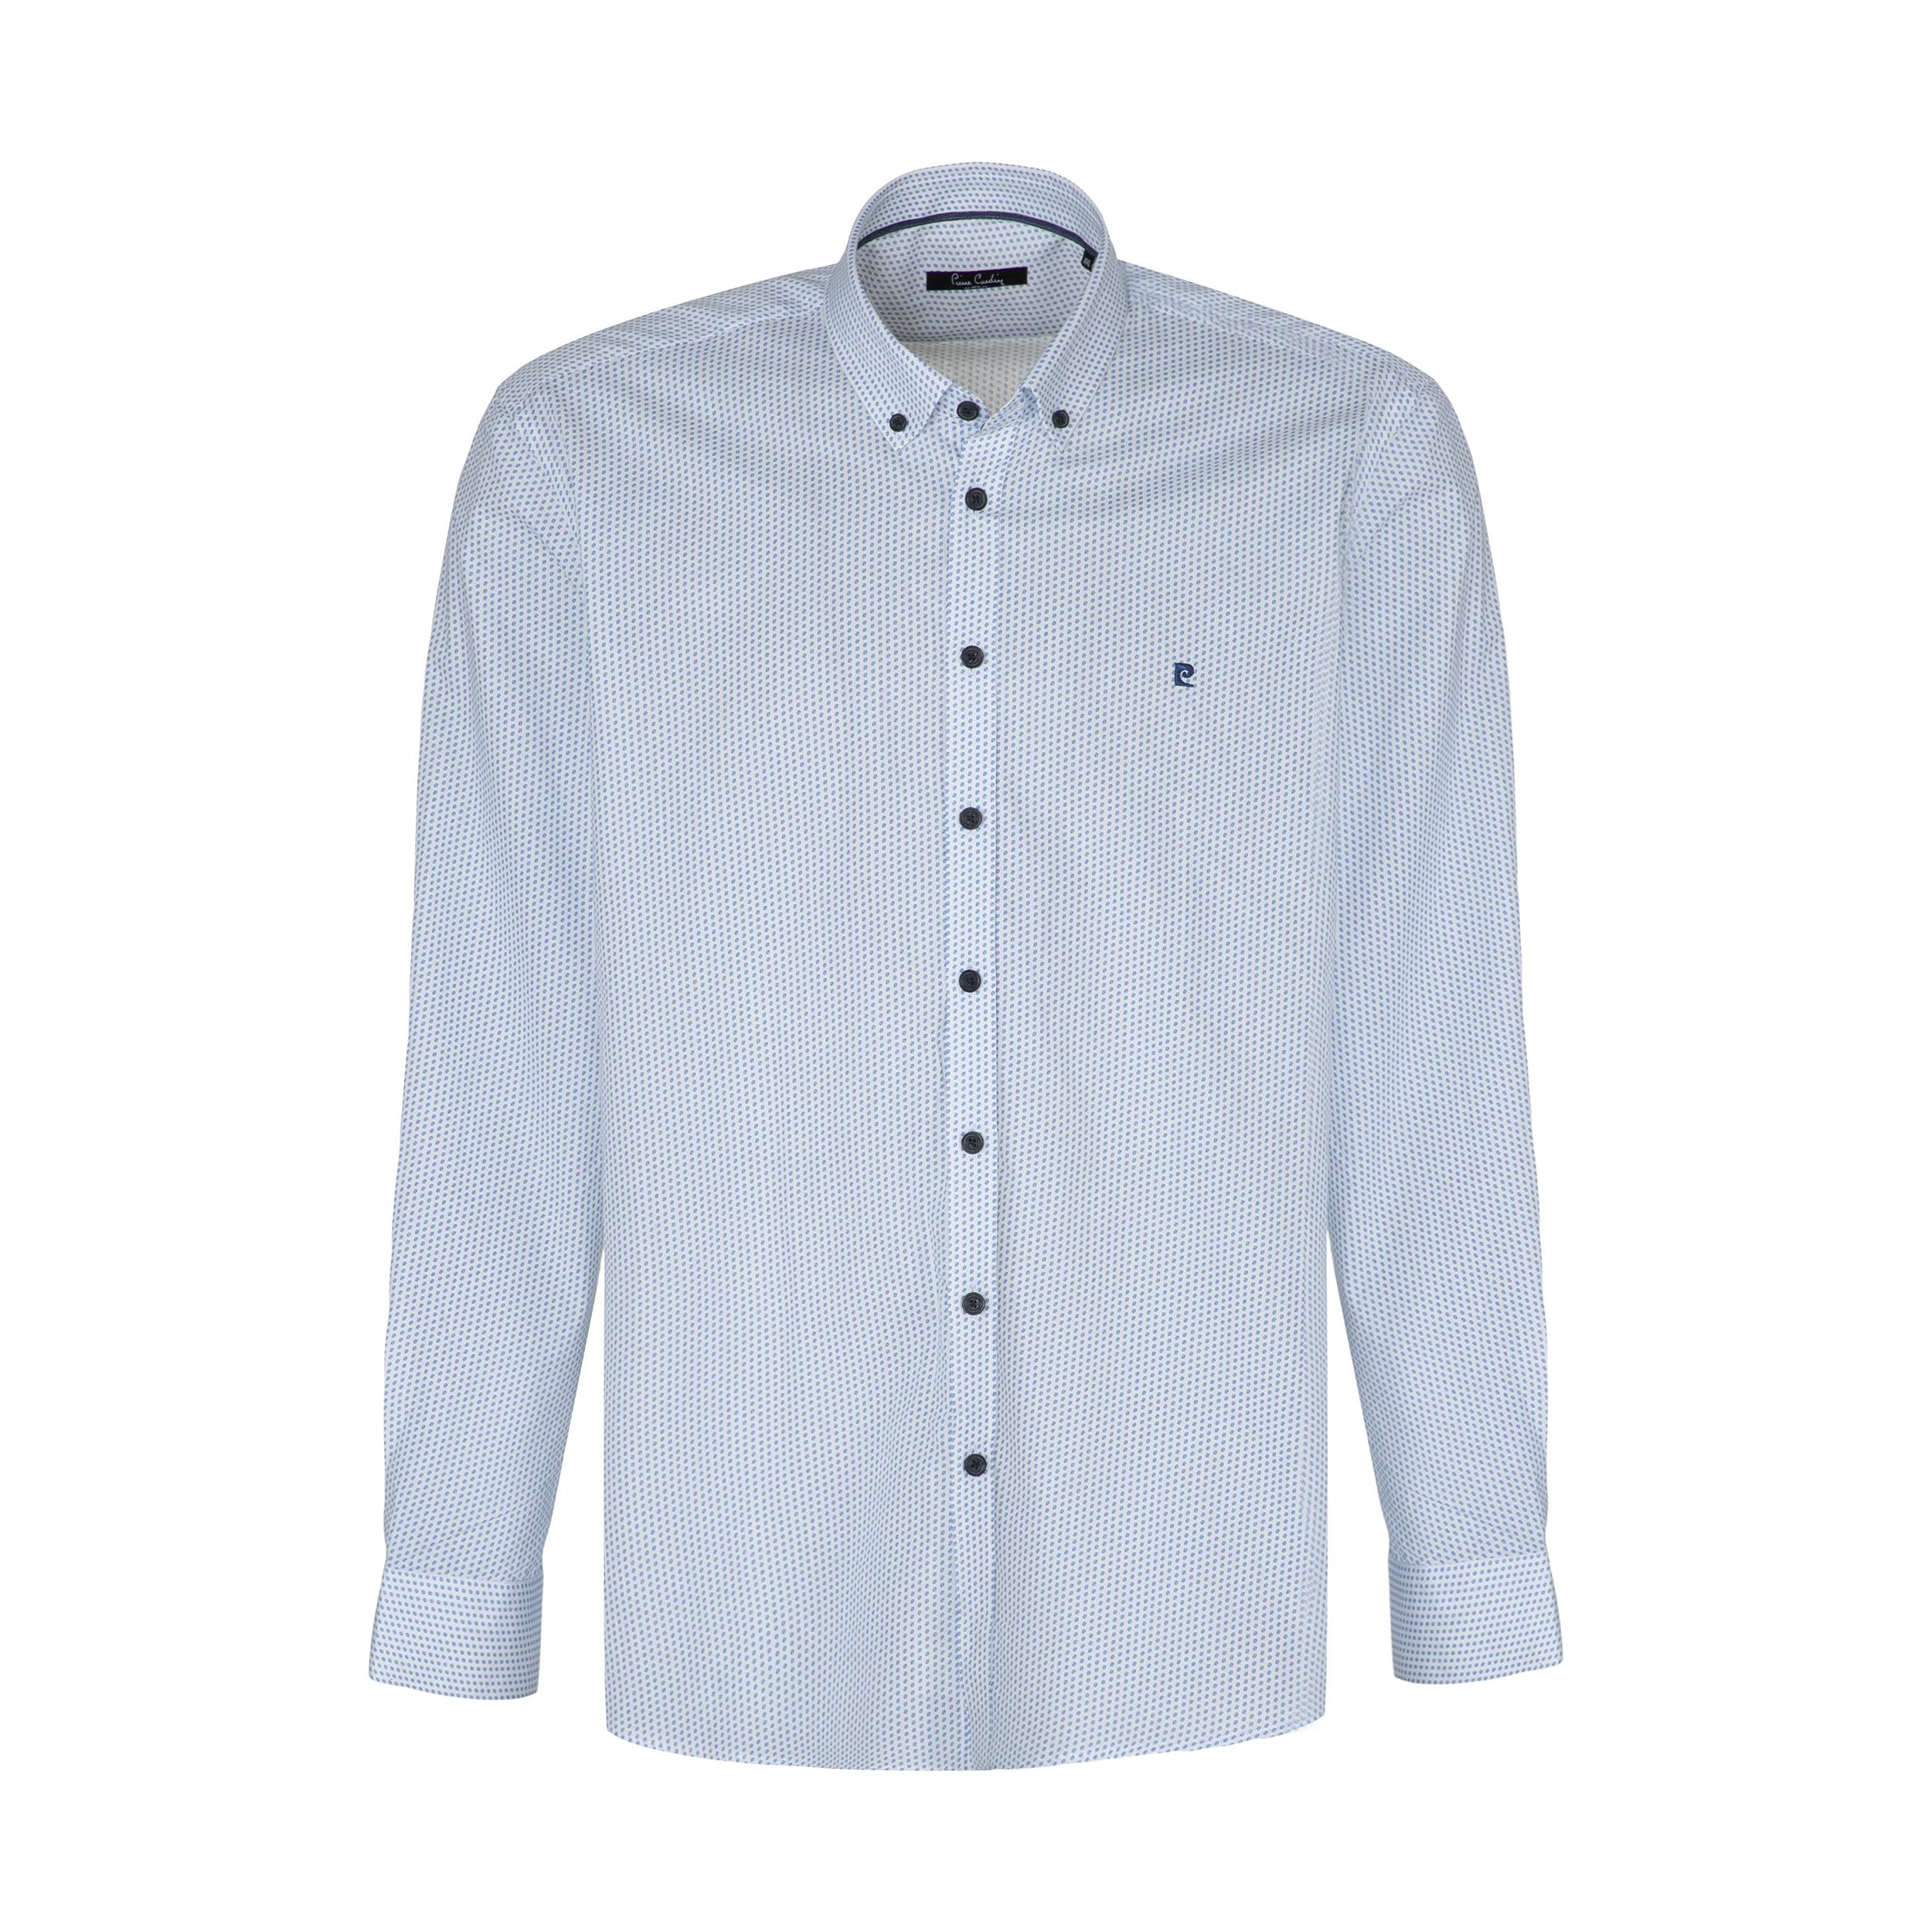 پیراهن آستین بلند مردانه پیر کاردین مدل P -2300